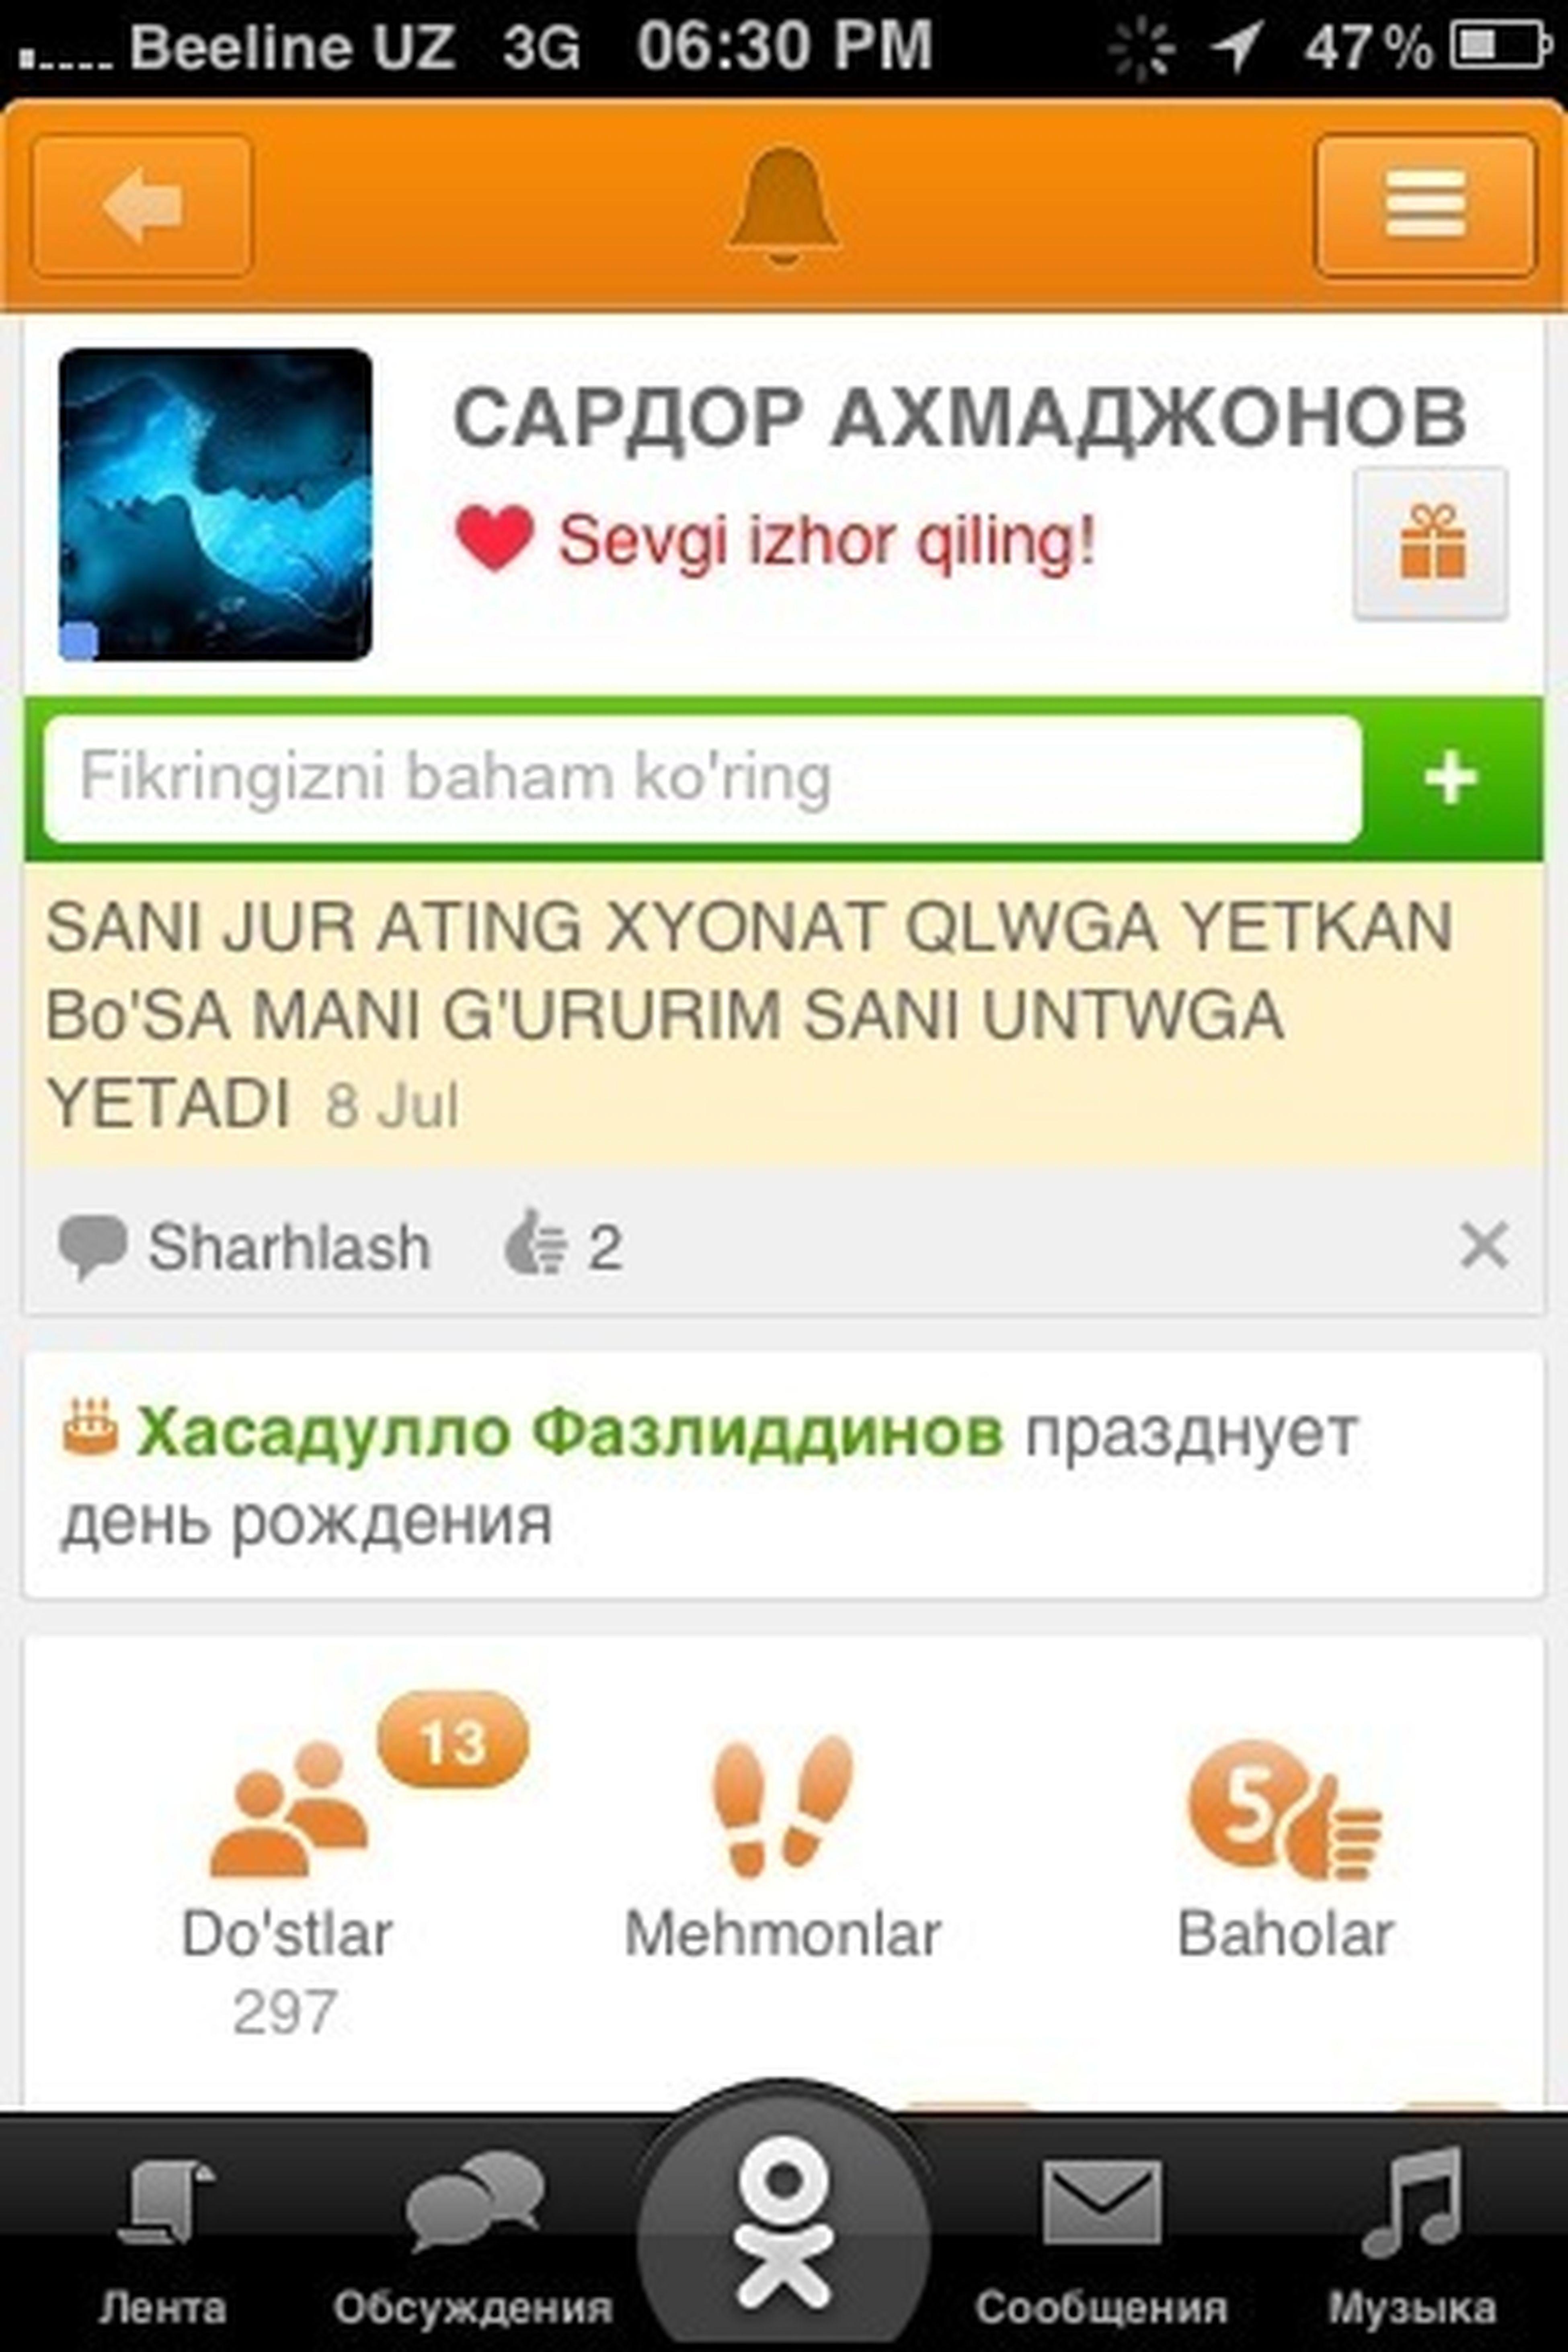 Moya Profil